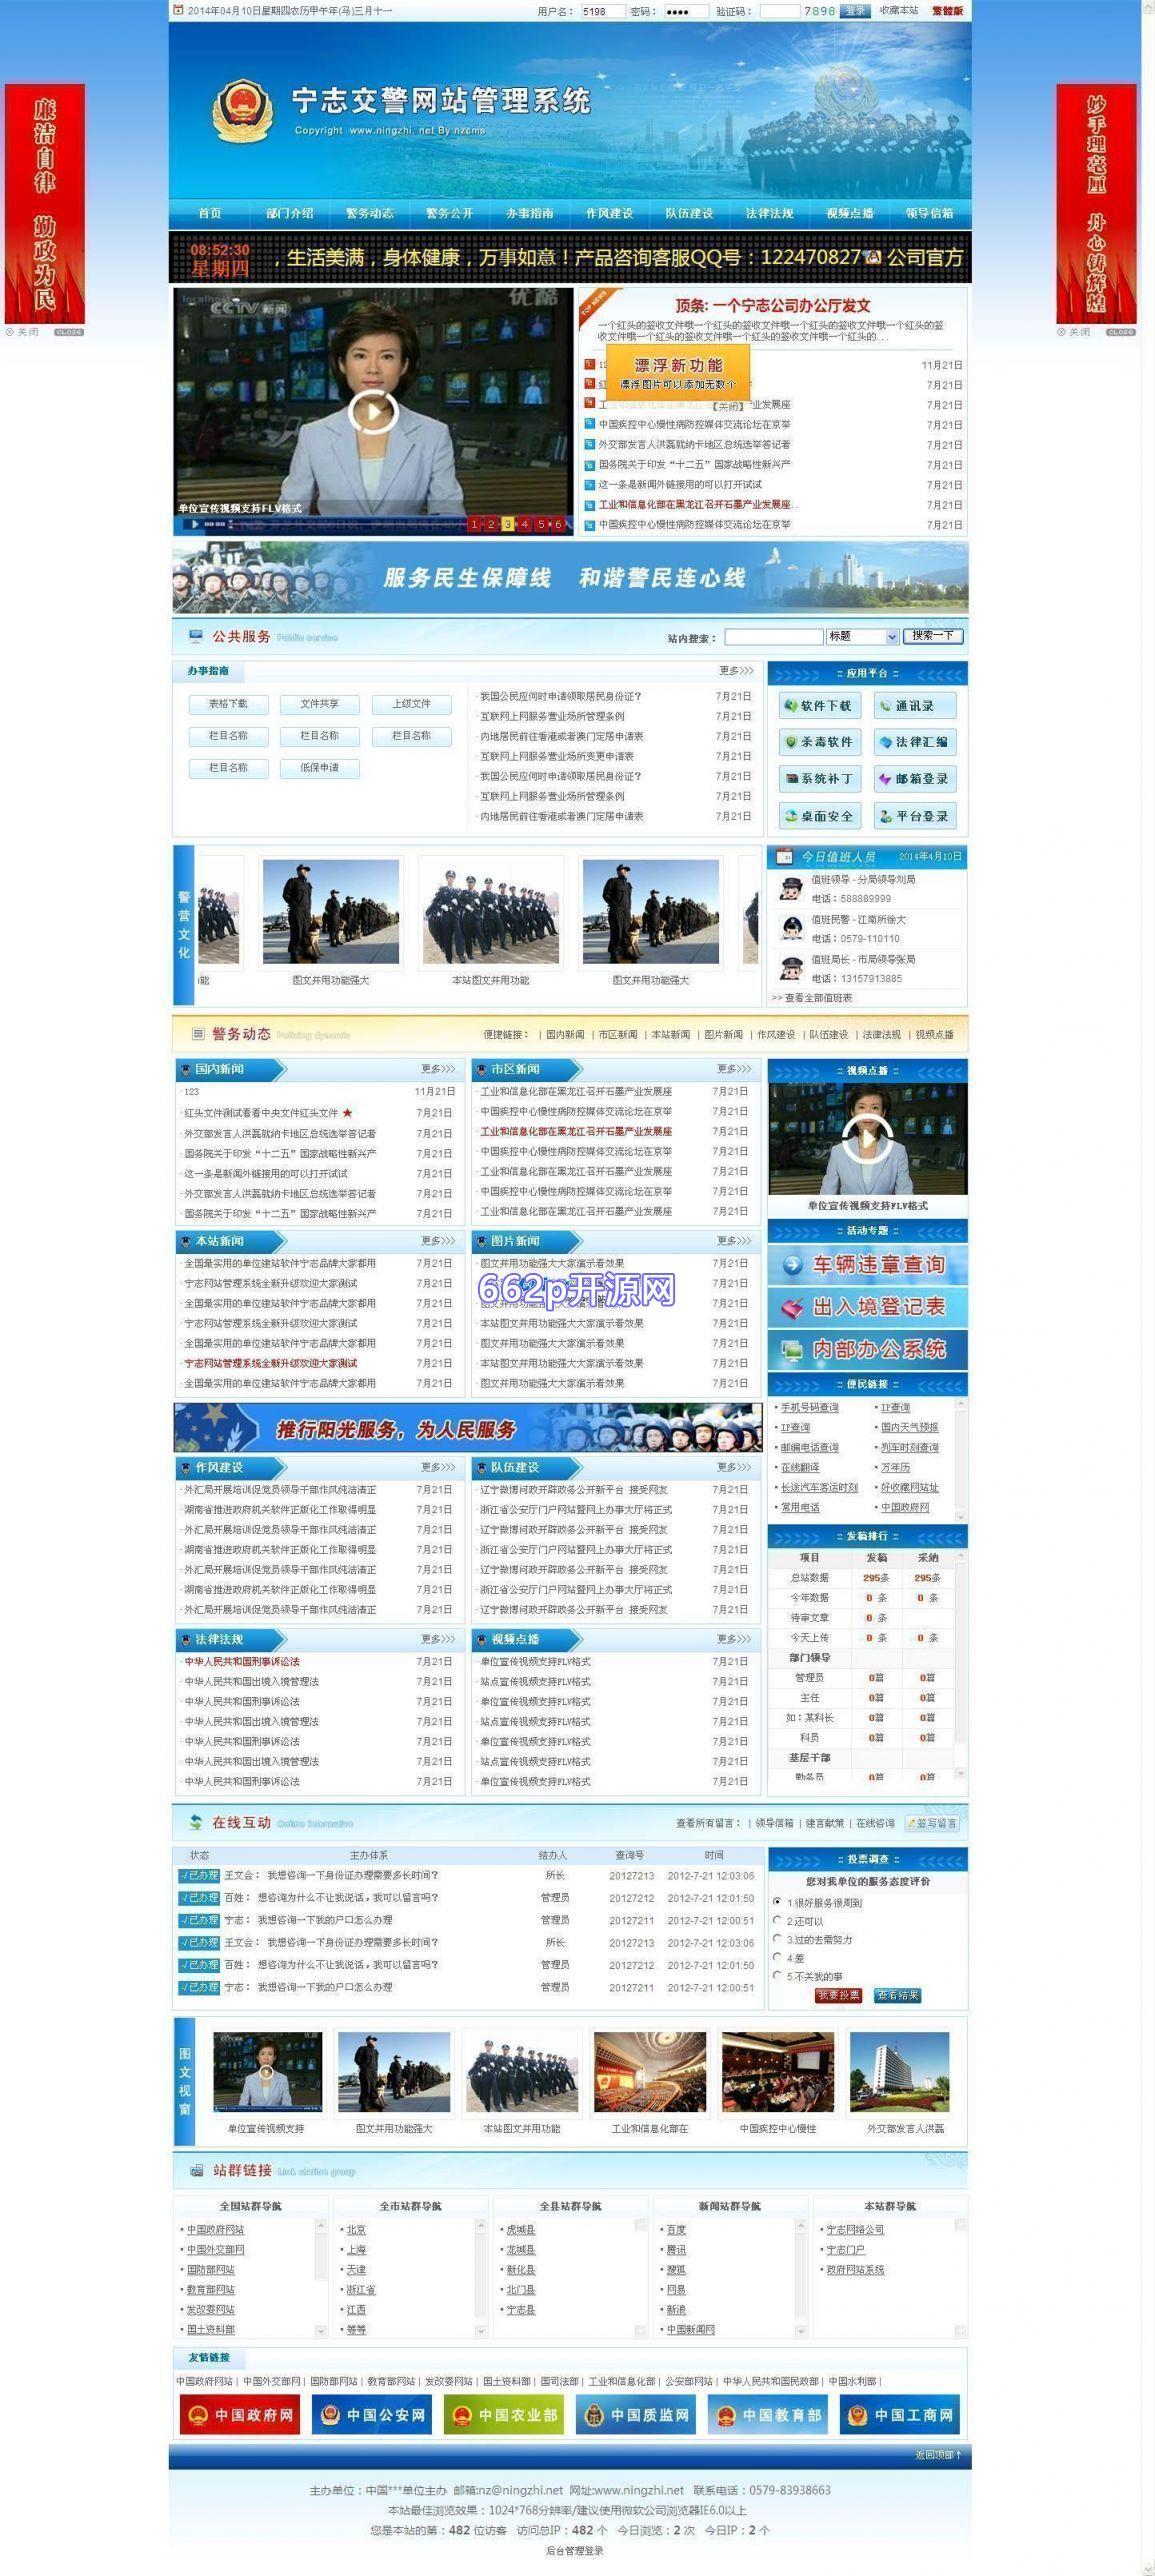 交警队门户网站管理系统-